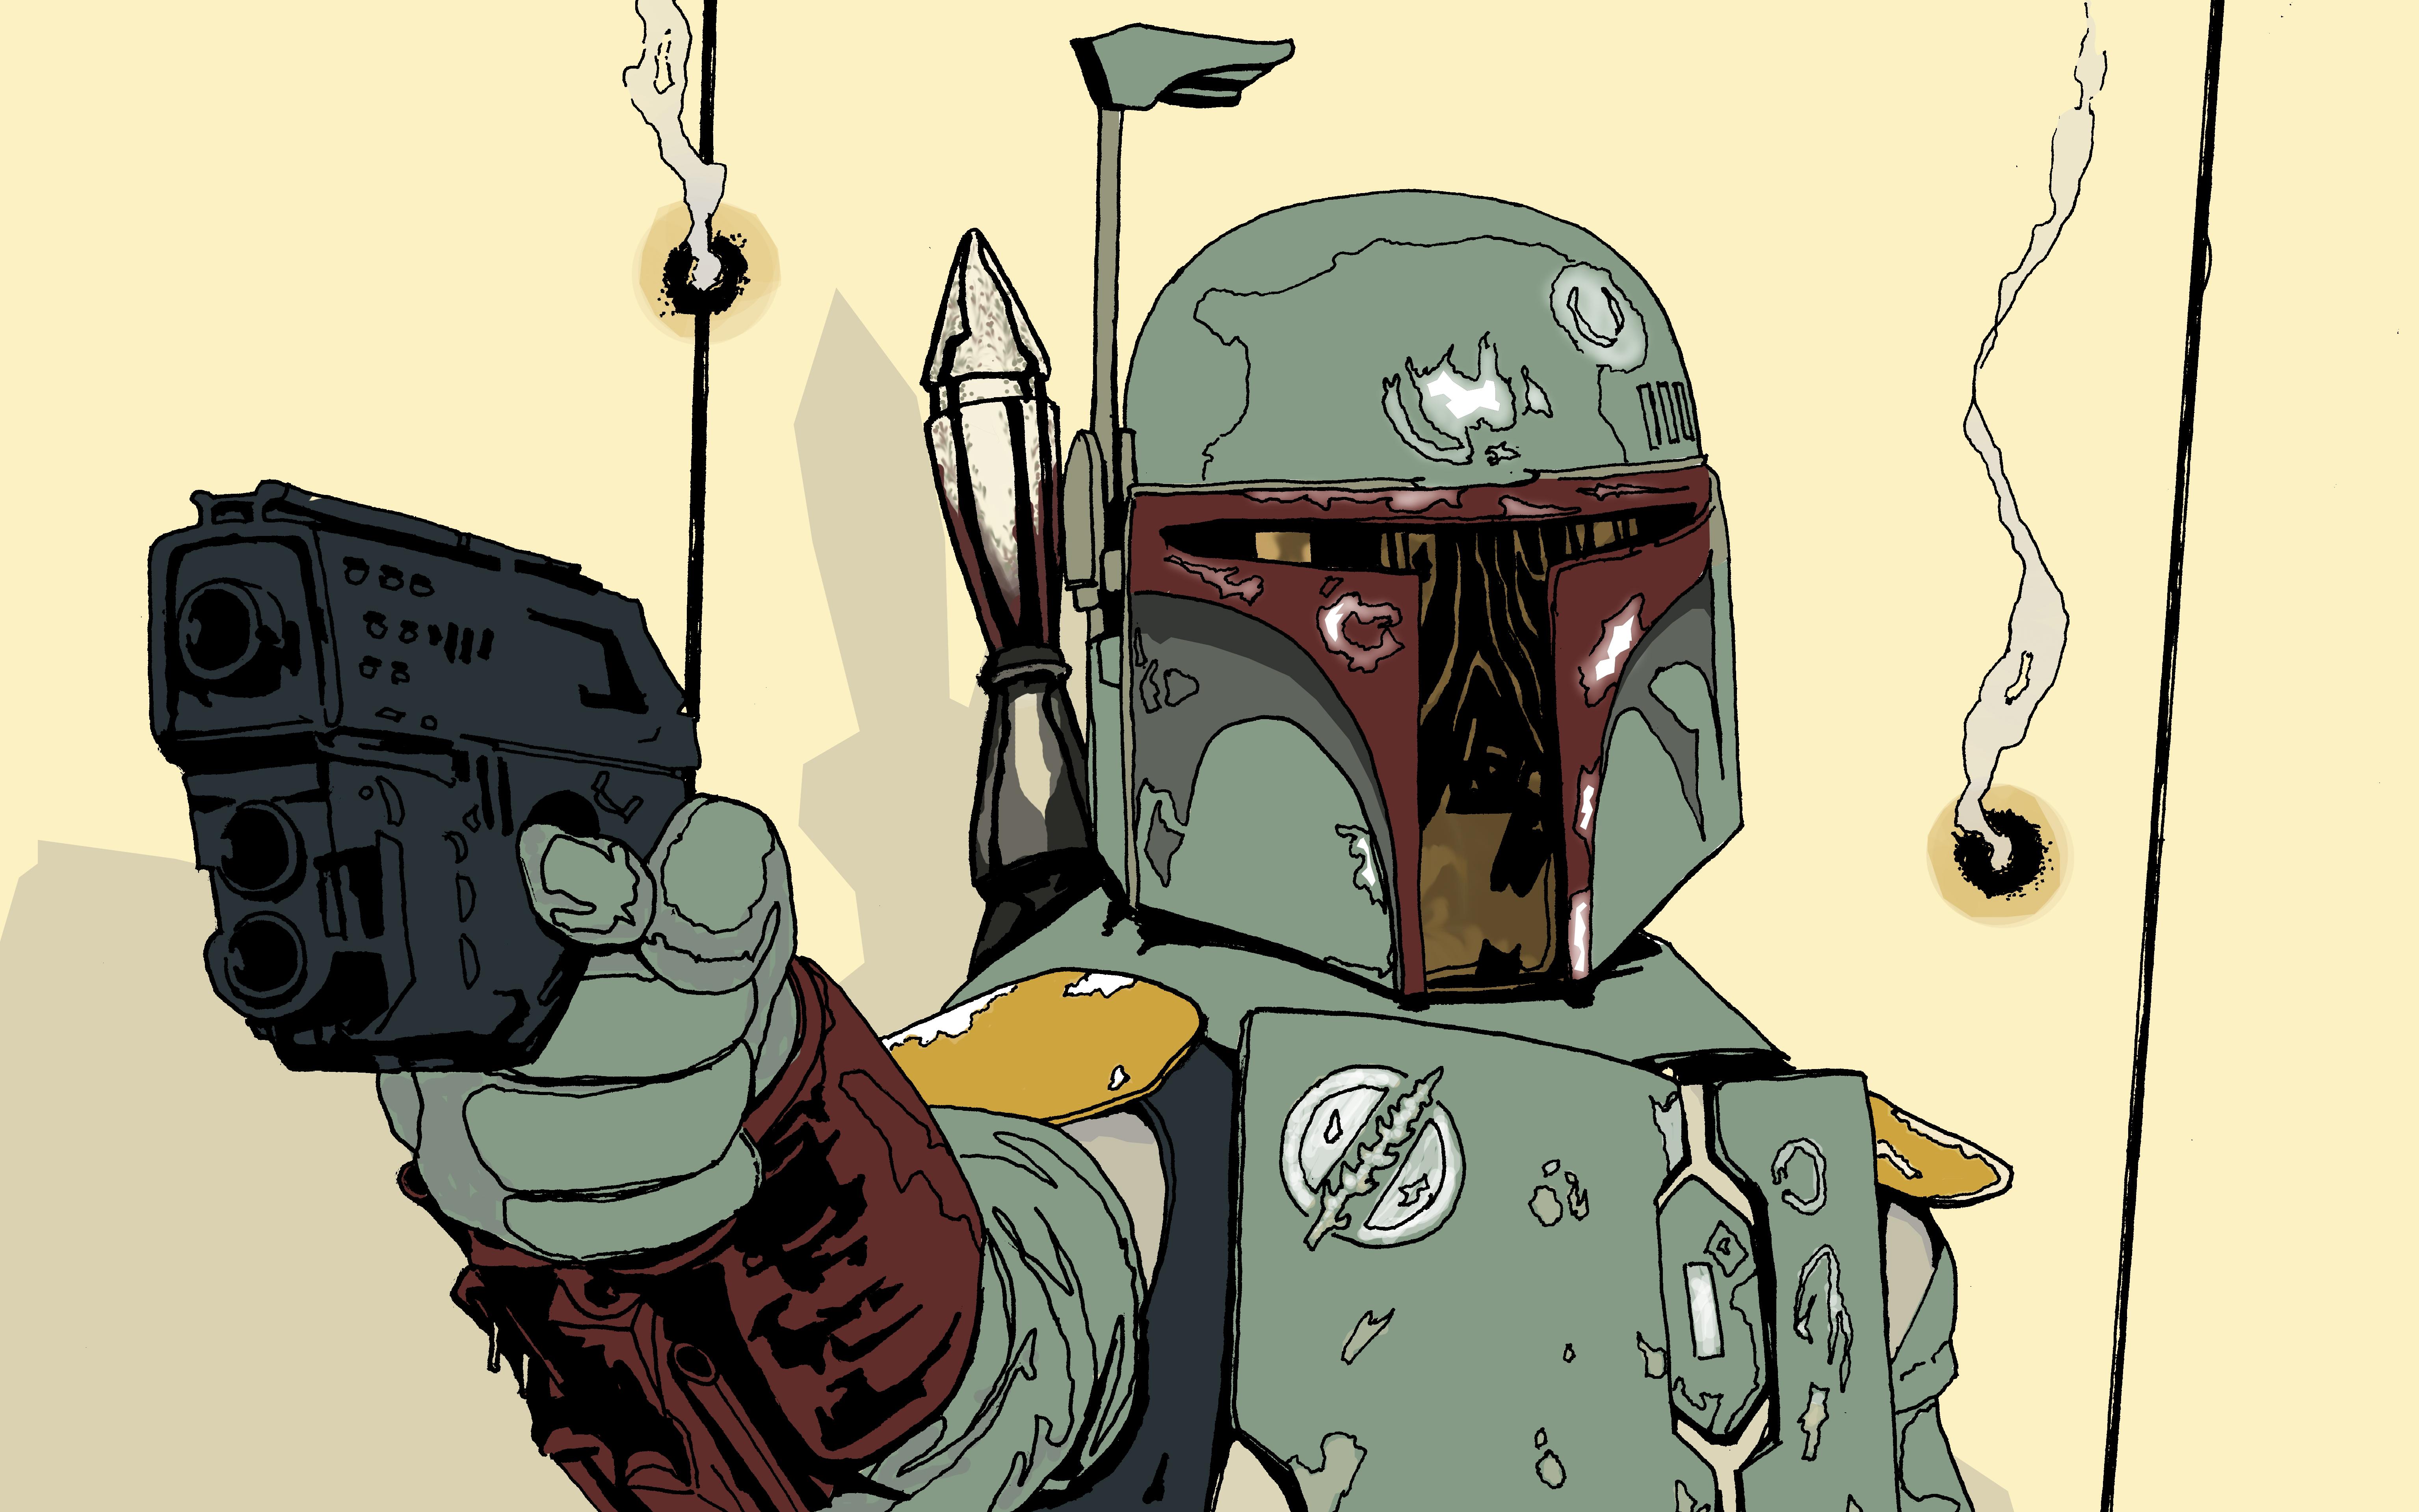 General 6139x3837 Star Wars Boba Fett Star Wars Villains helmet bounty hunter artwork science fiction